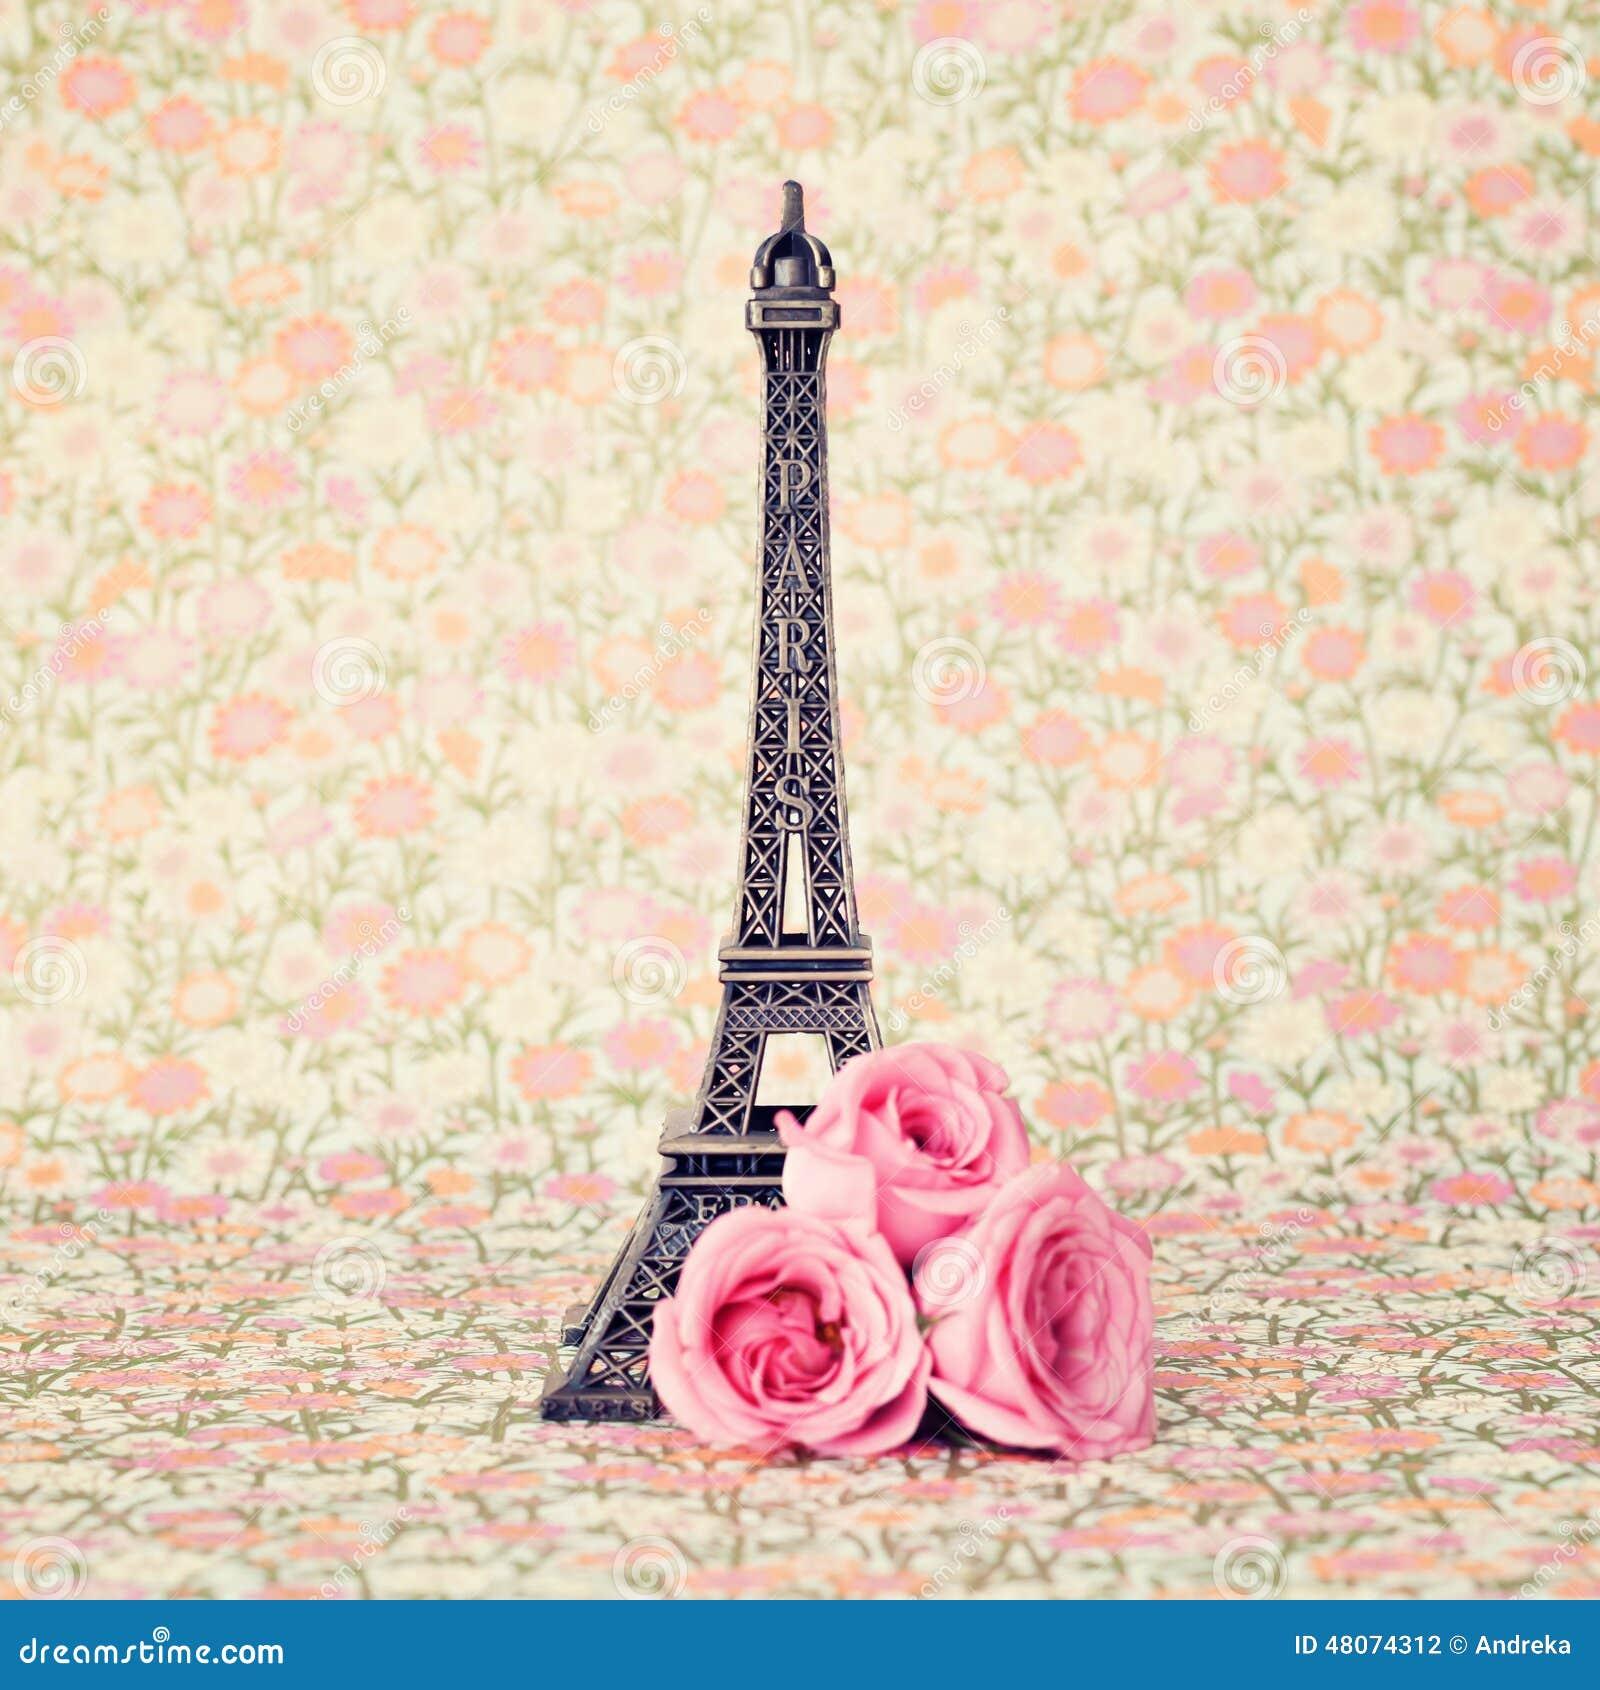 de toren van eiffel met rozen 48074312 - Oud Behang